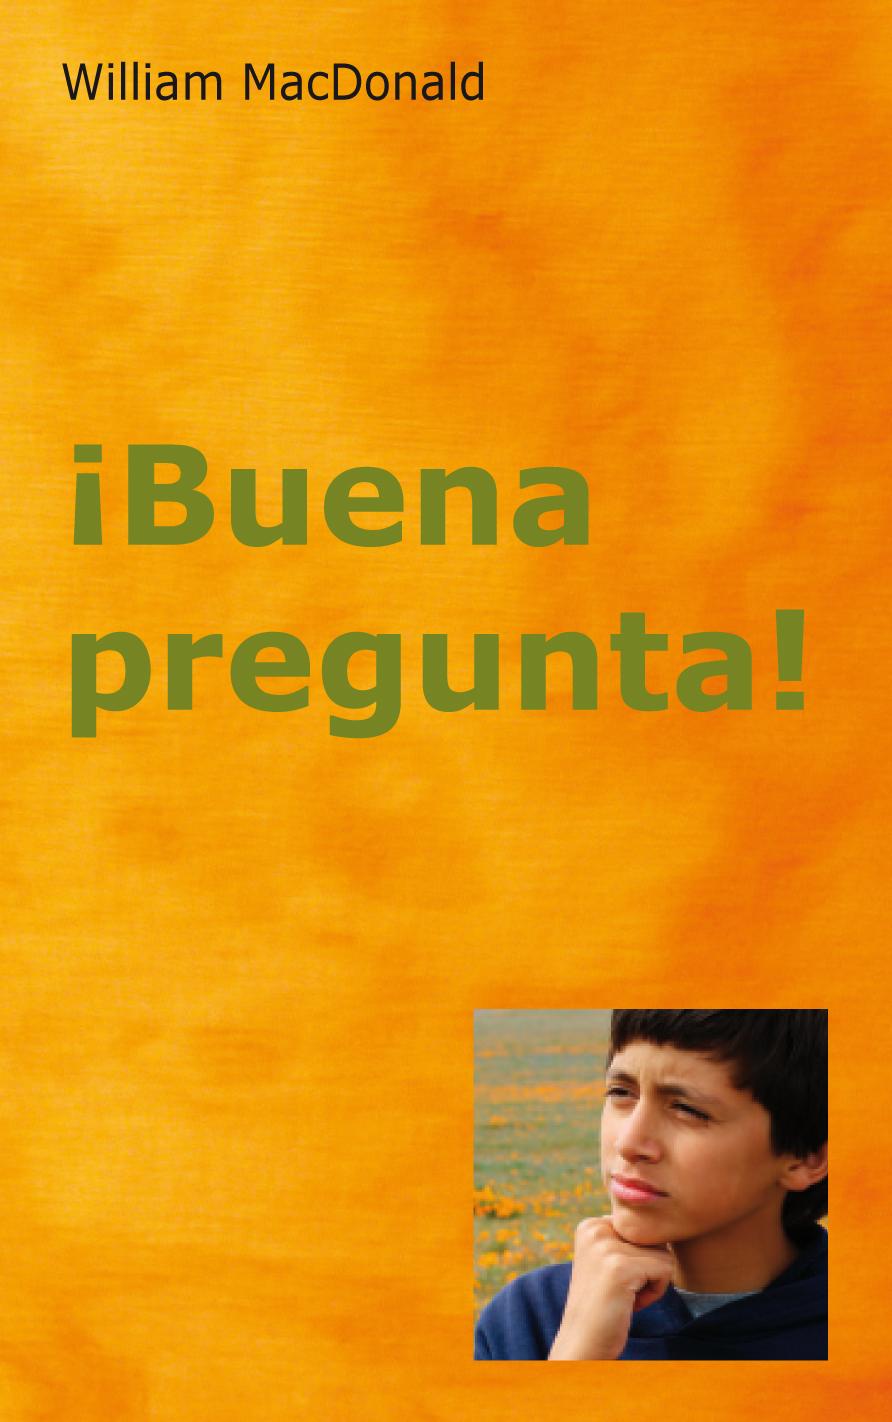 CLV_das-ist-eine-gute-frage-spanisch_william-macdonald_255579_1